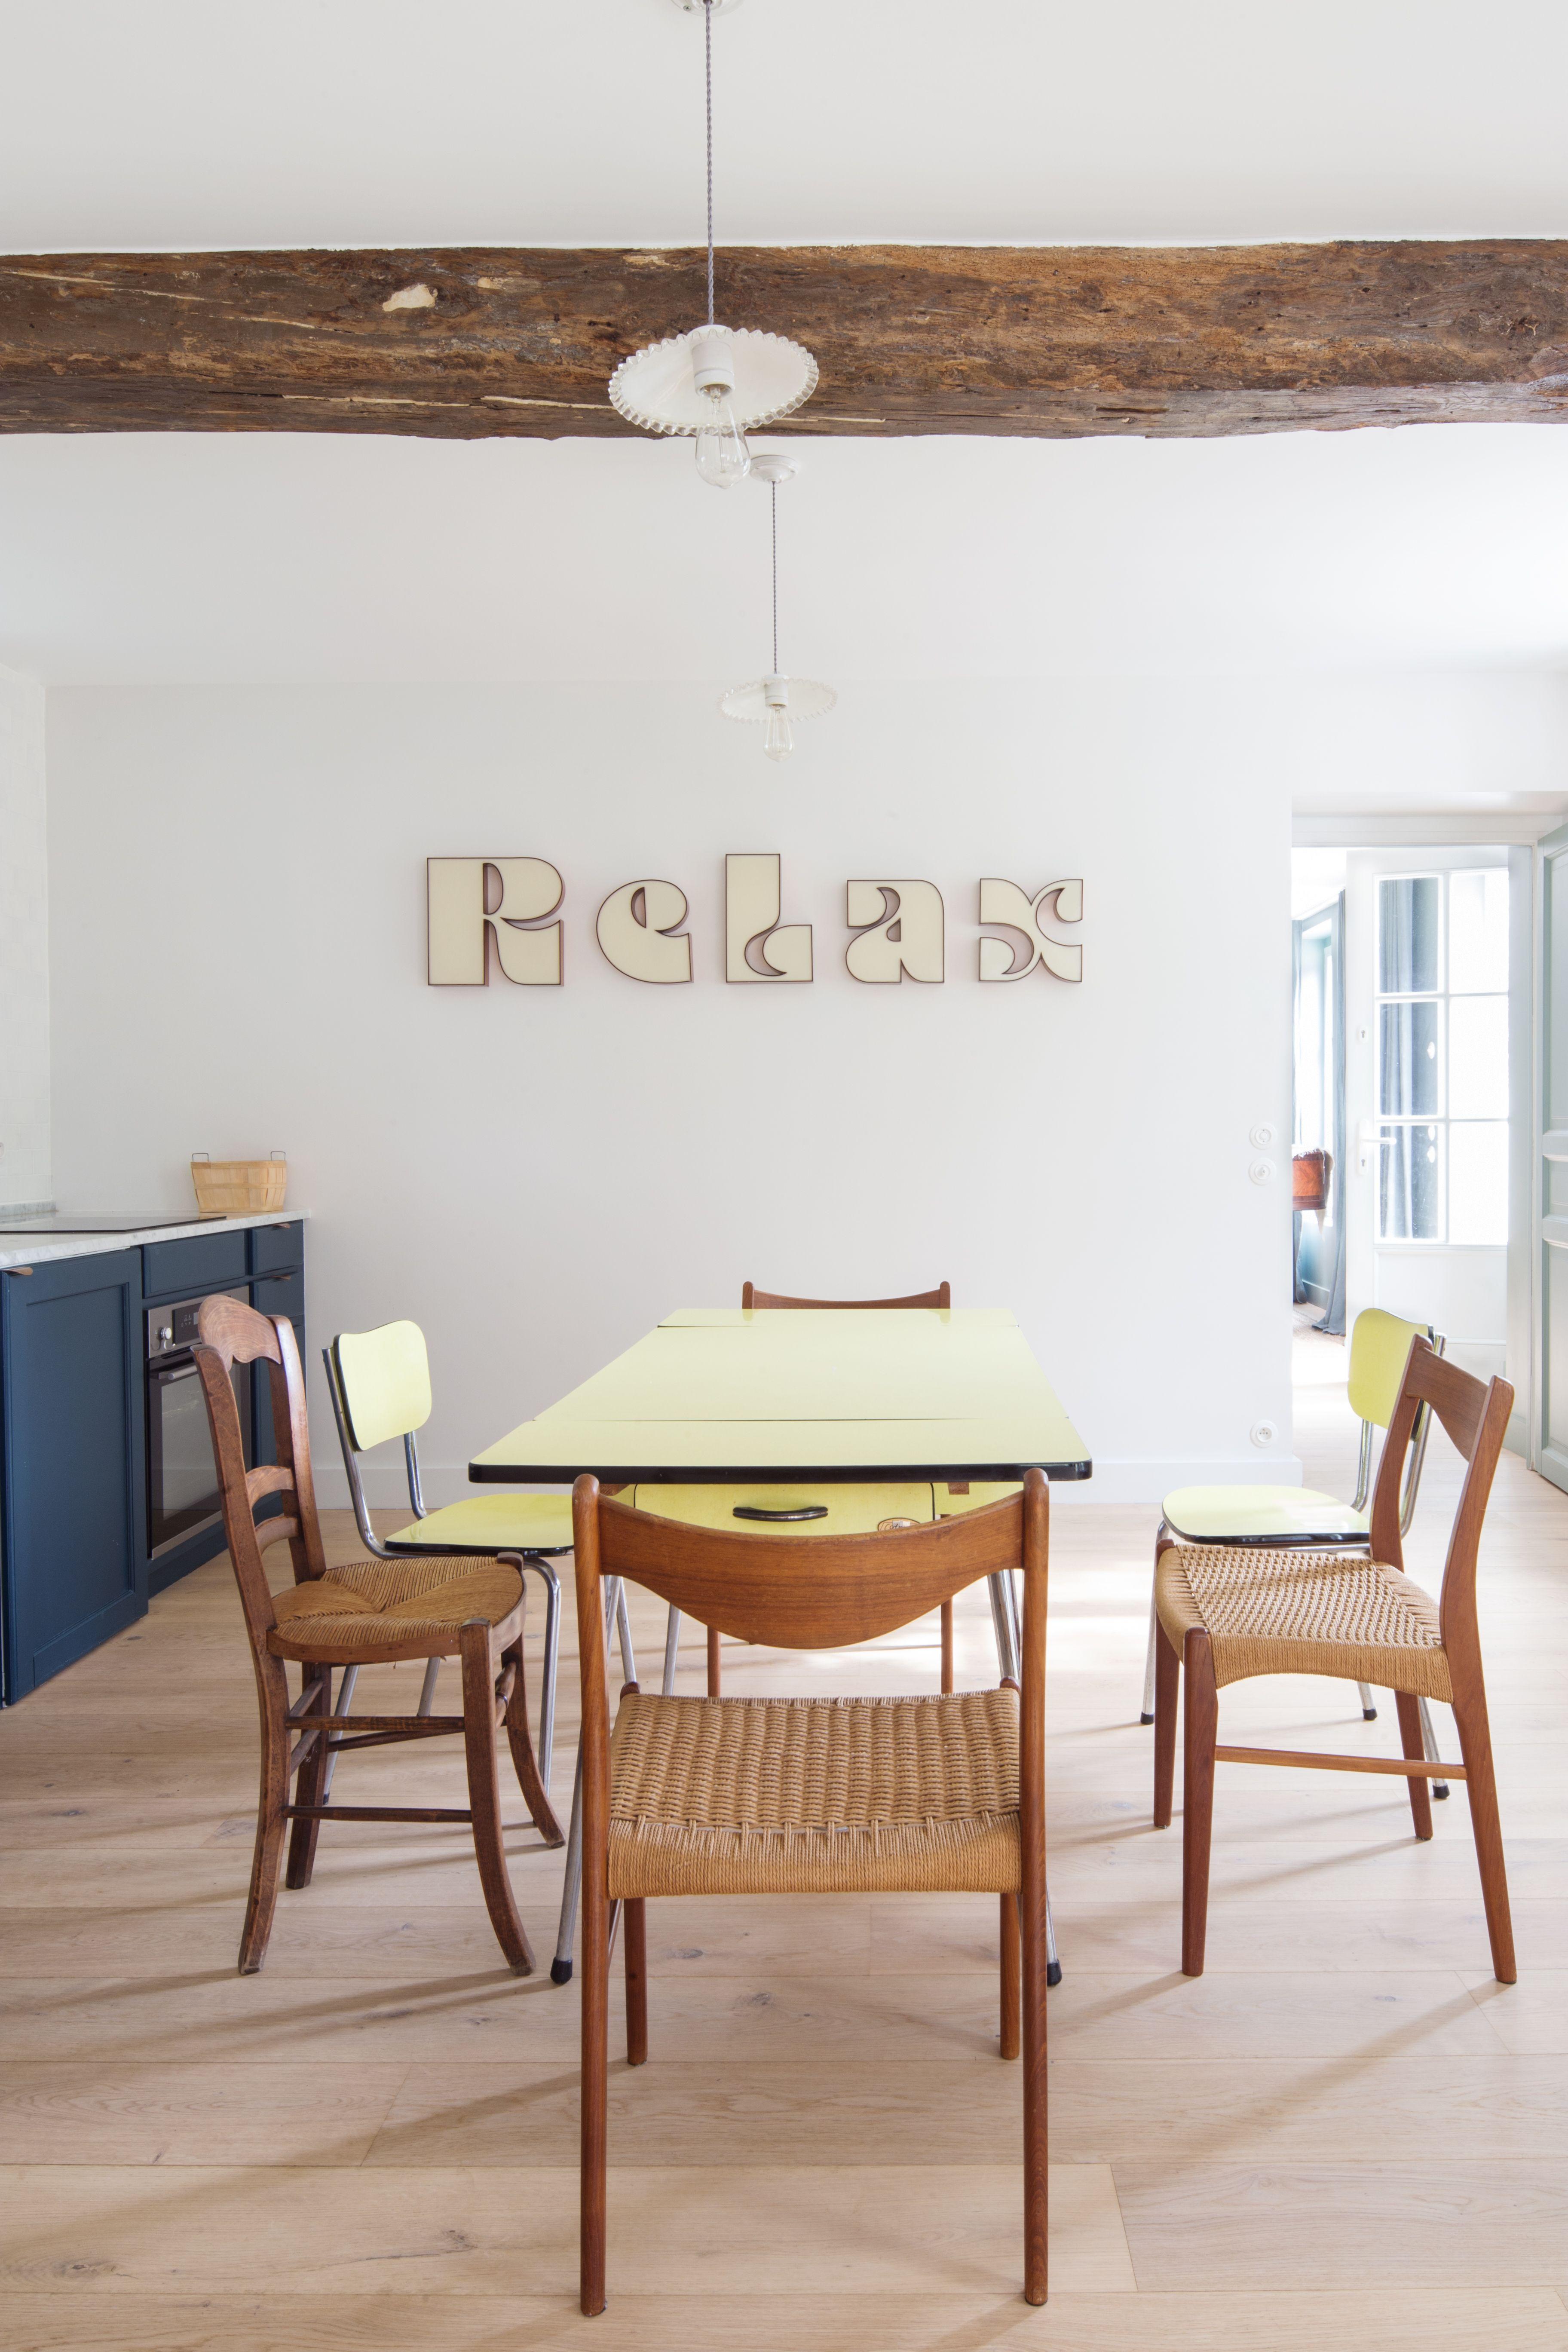 Maison De Campagne Vexin bateaumagne architecture - vexin cuisine maison de campagne